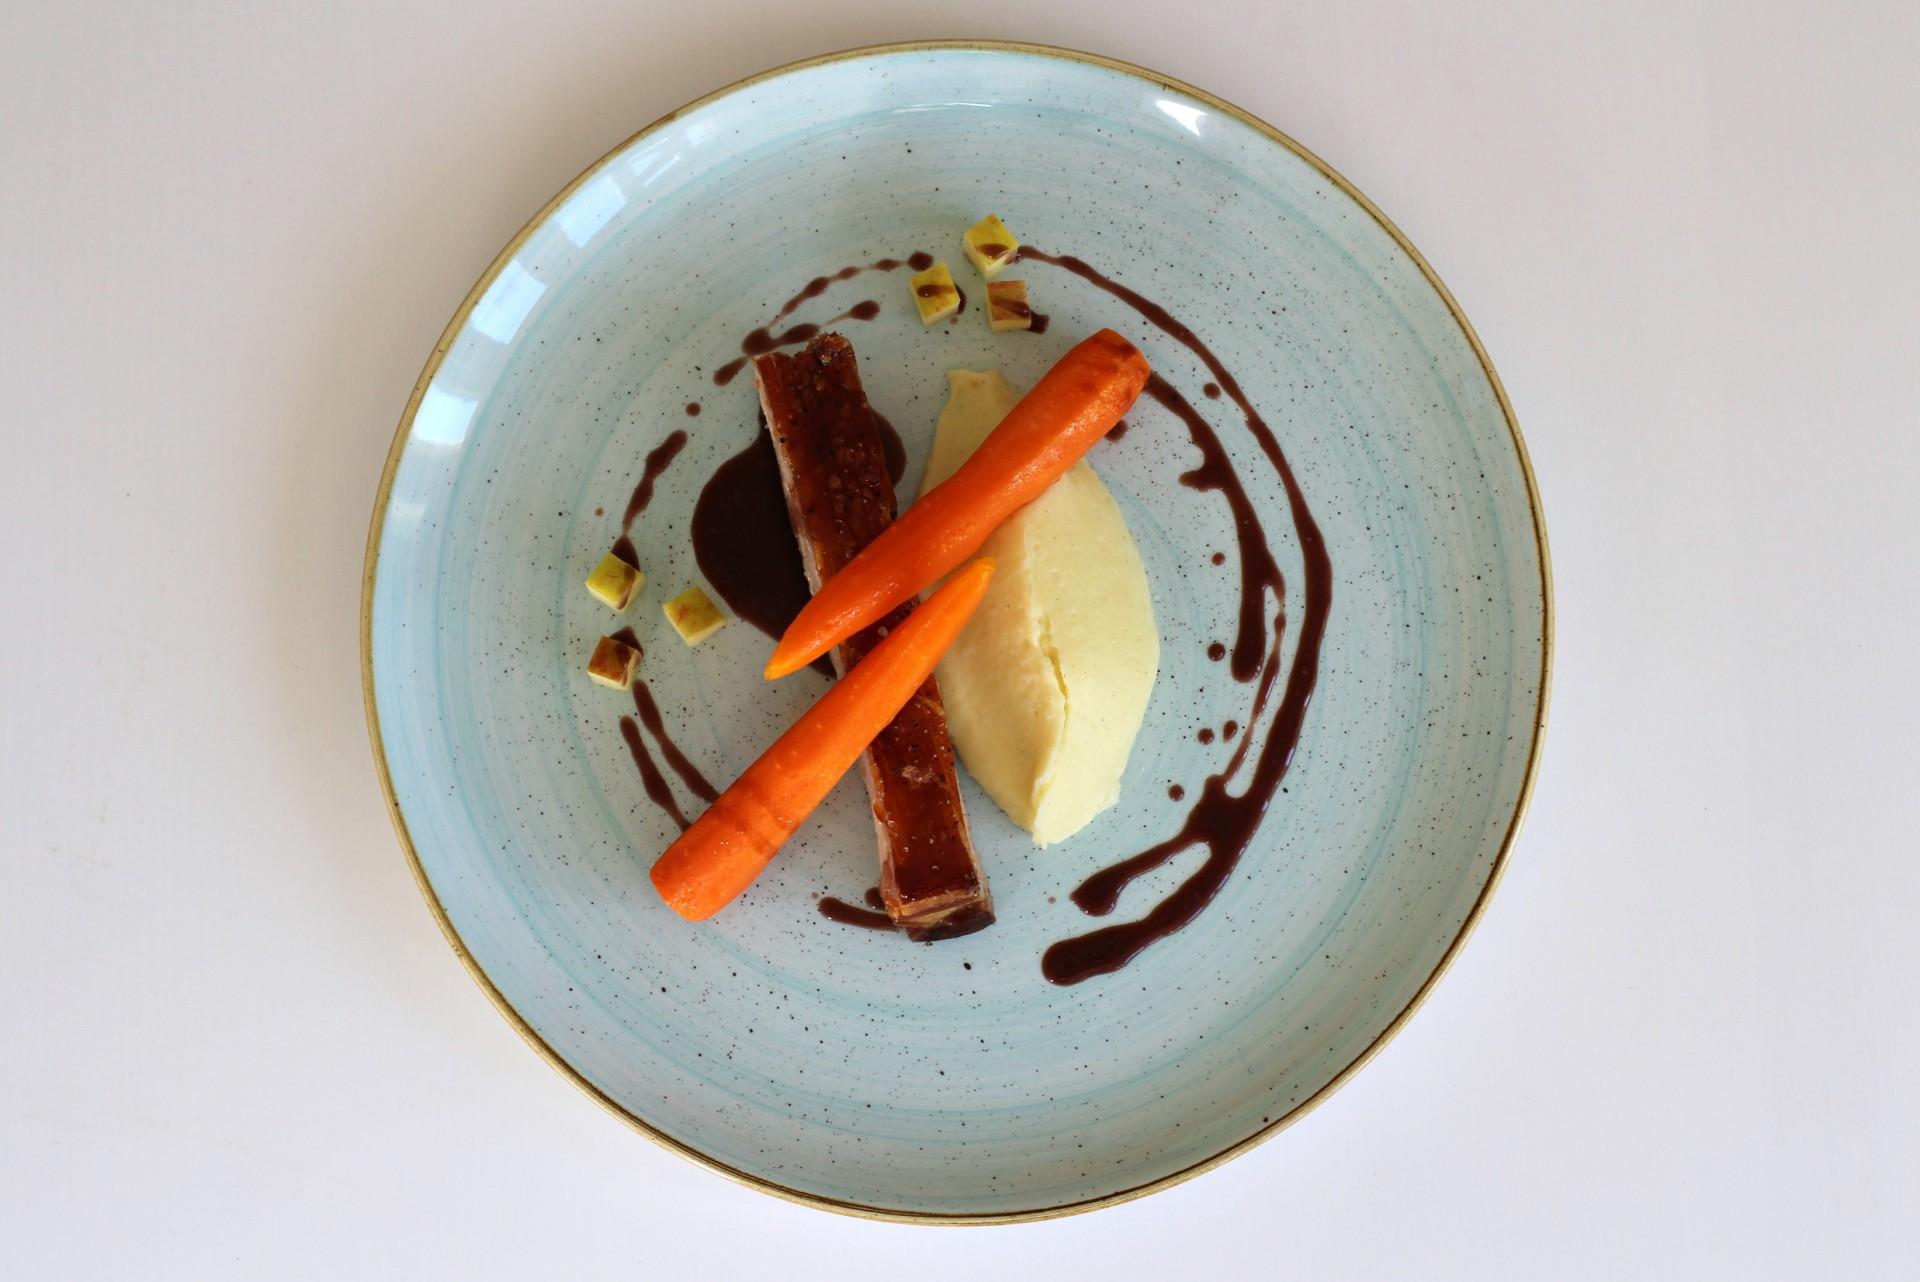 Pork, Carrot, Apple